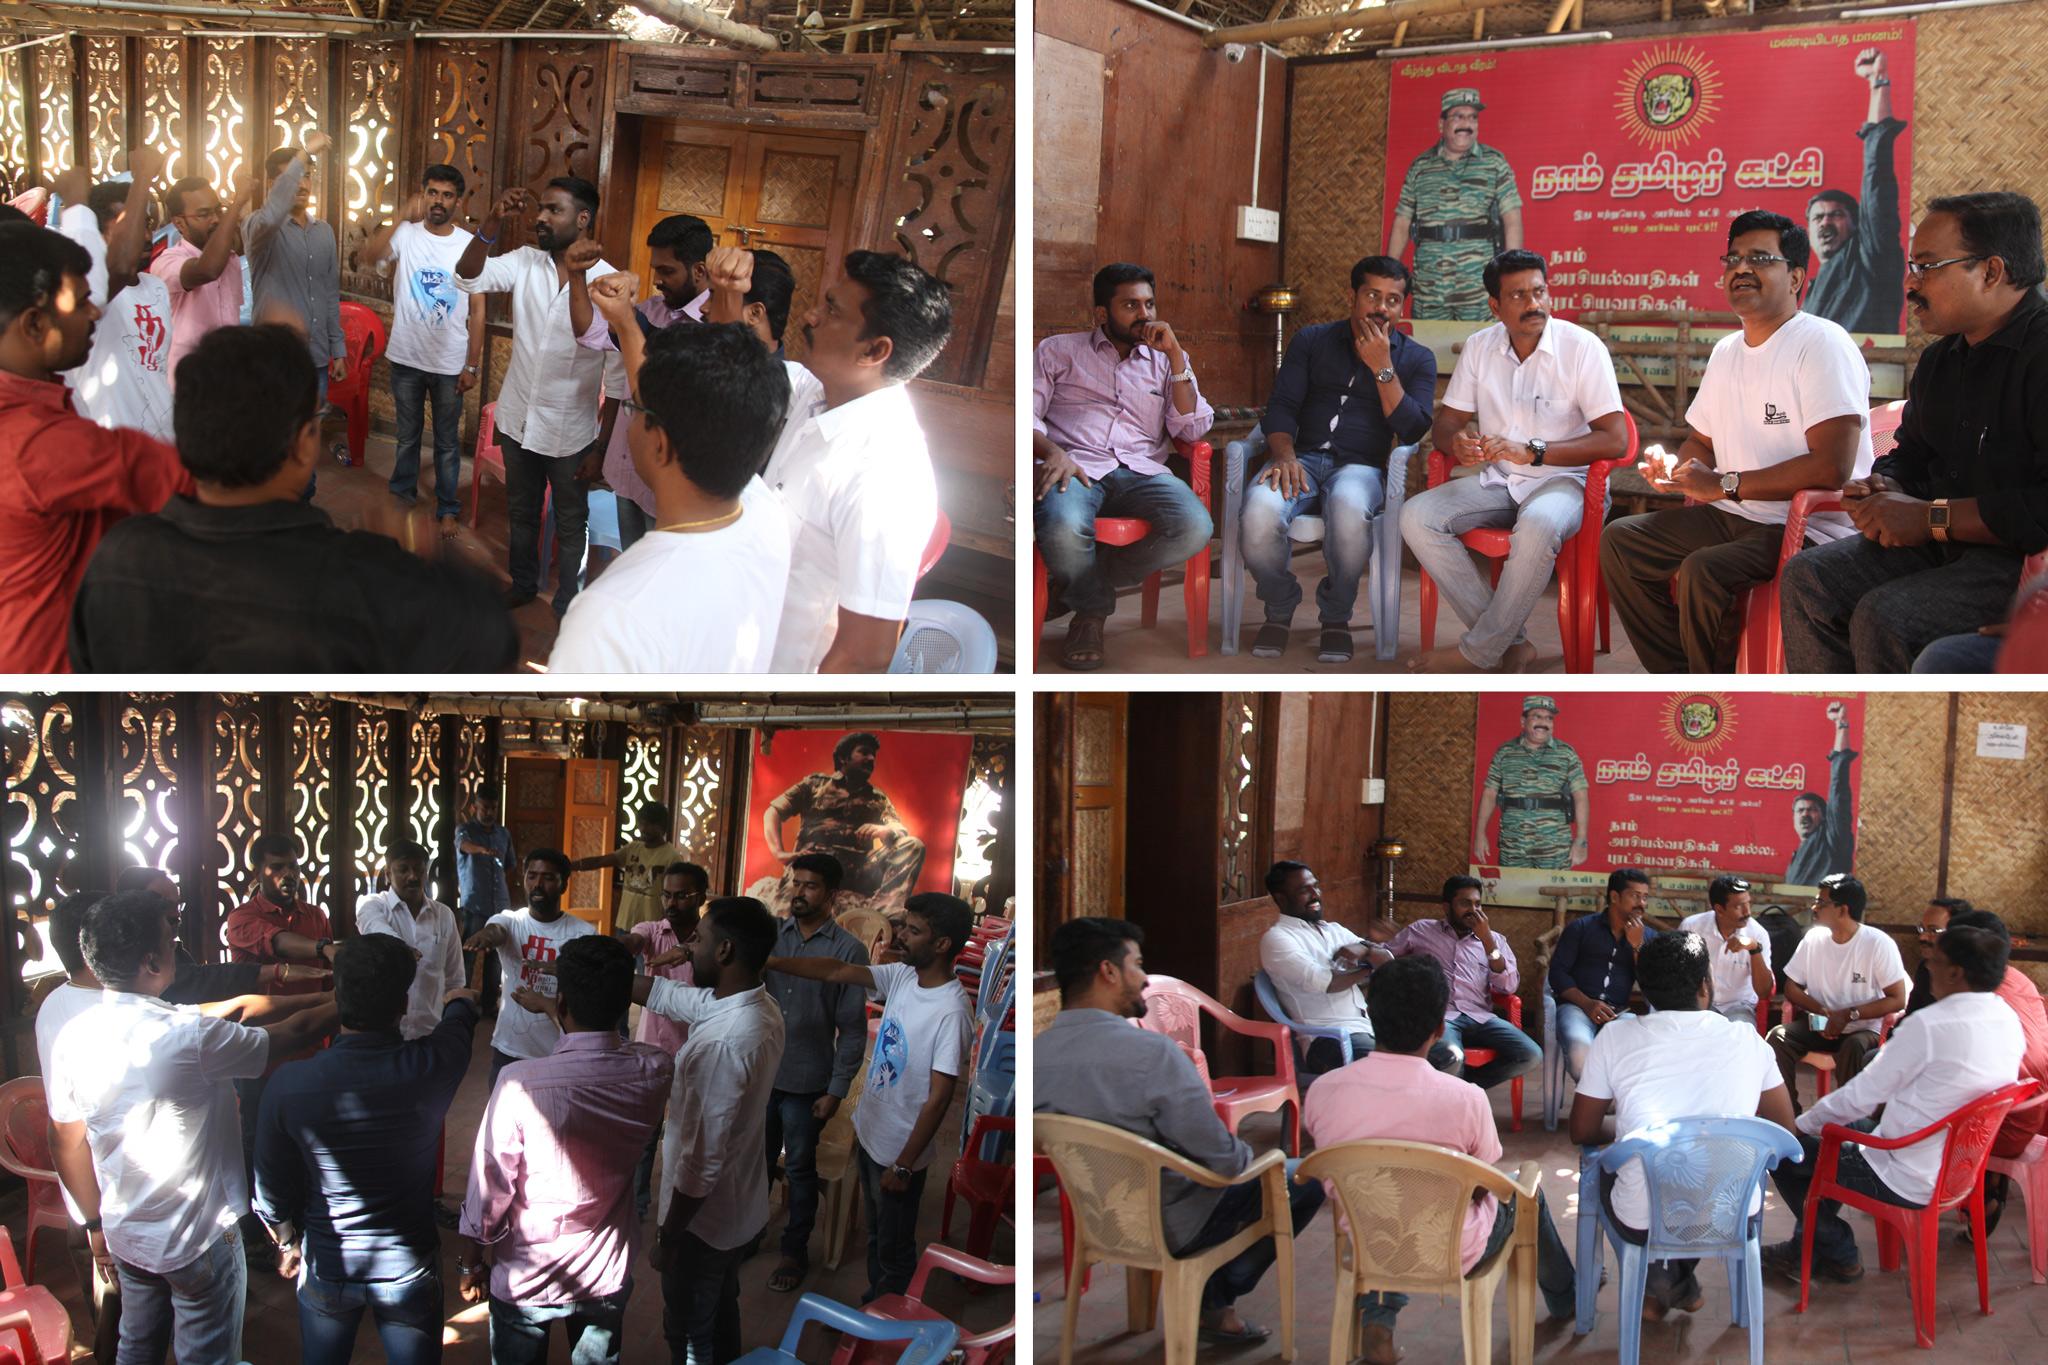 இளைஞர் பாசறை மாநில ஒருங்கிணைப்பாளர்களின் கலந்தாய்வுக் கூட்டம் Naam Tamilar Youth Wing Meeting Ilaingar Paasarai Kalanthaaivu28 12 2016